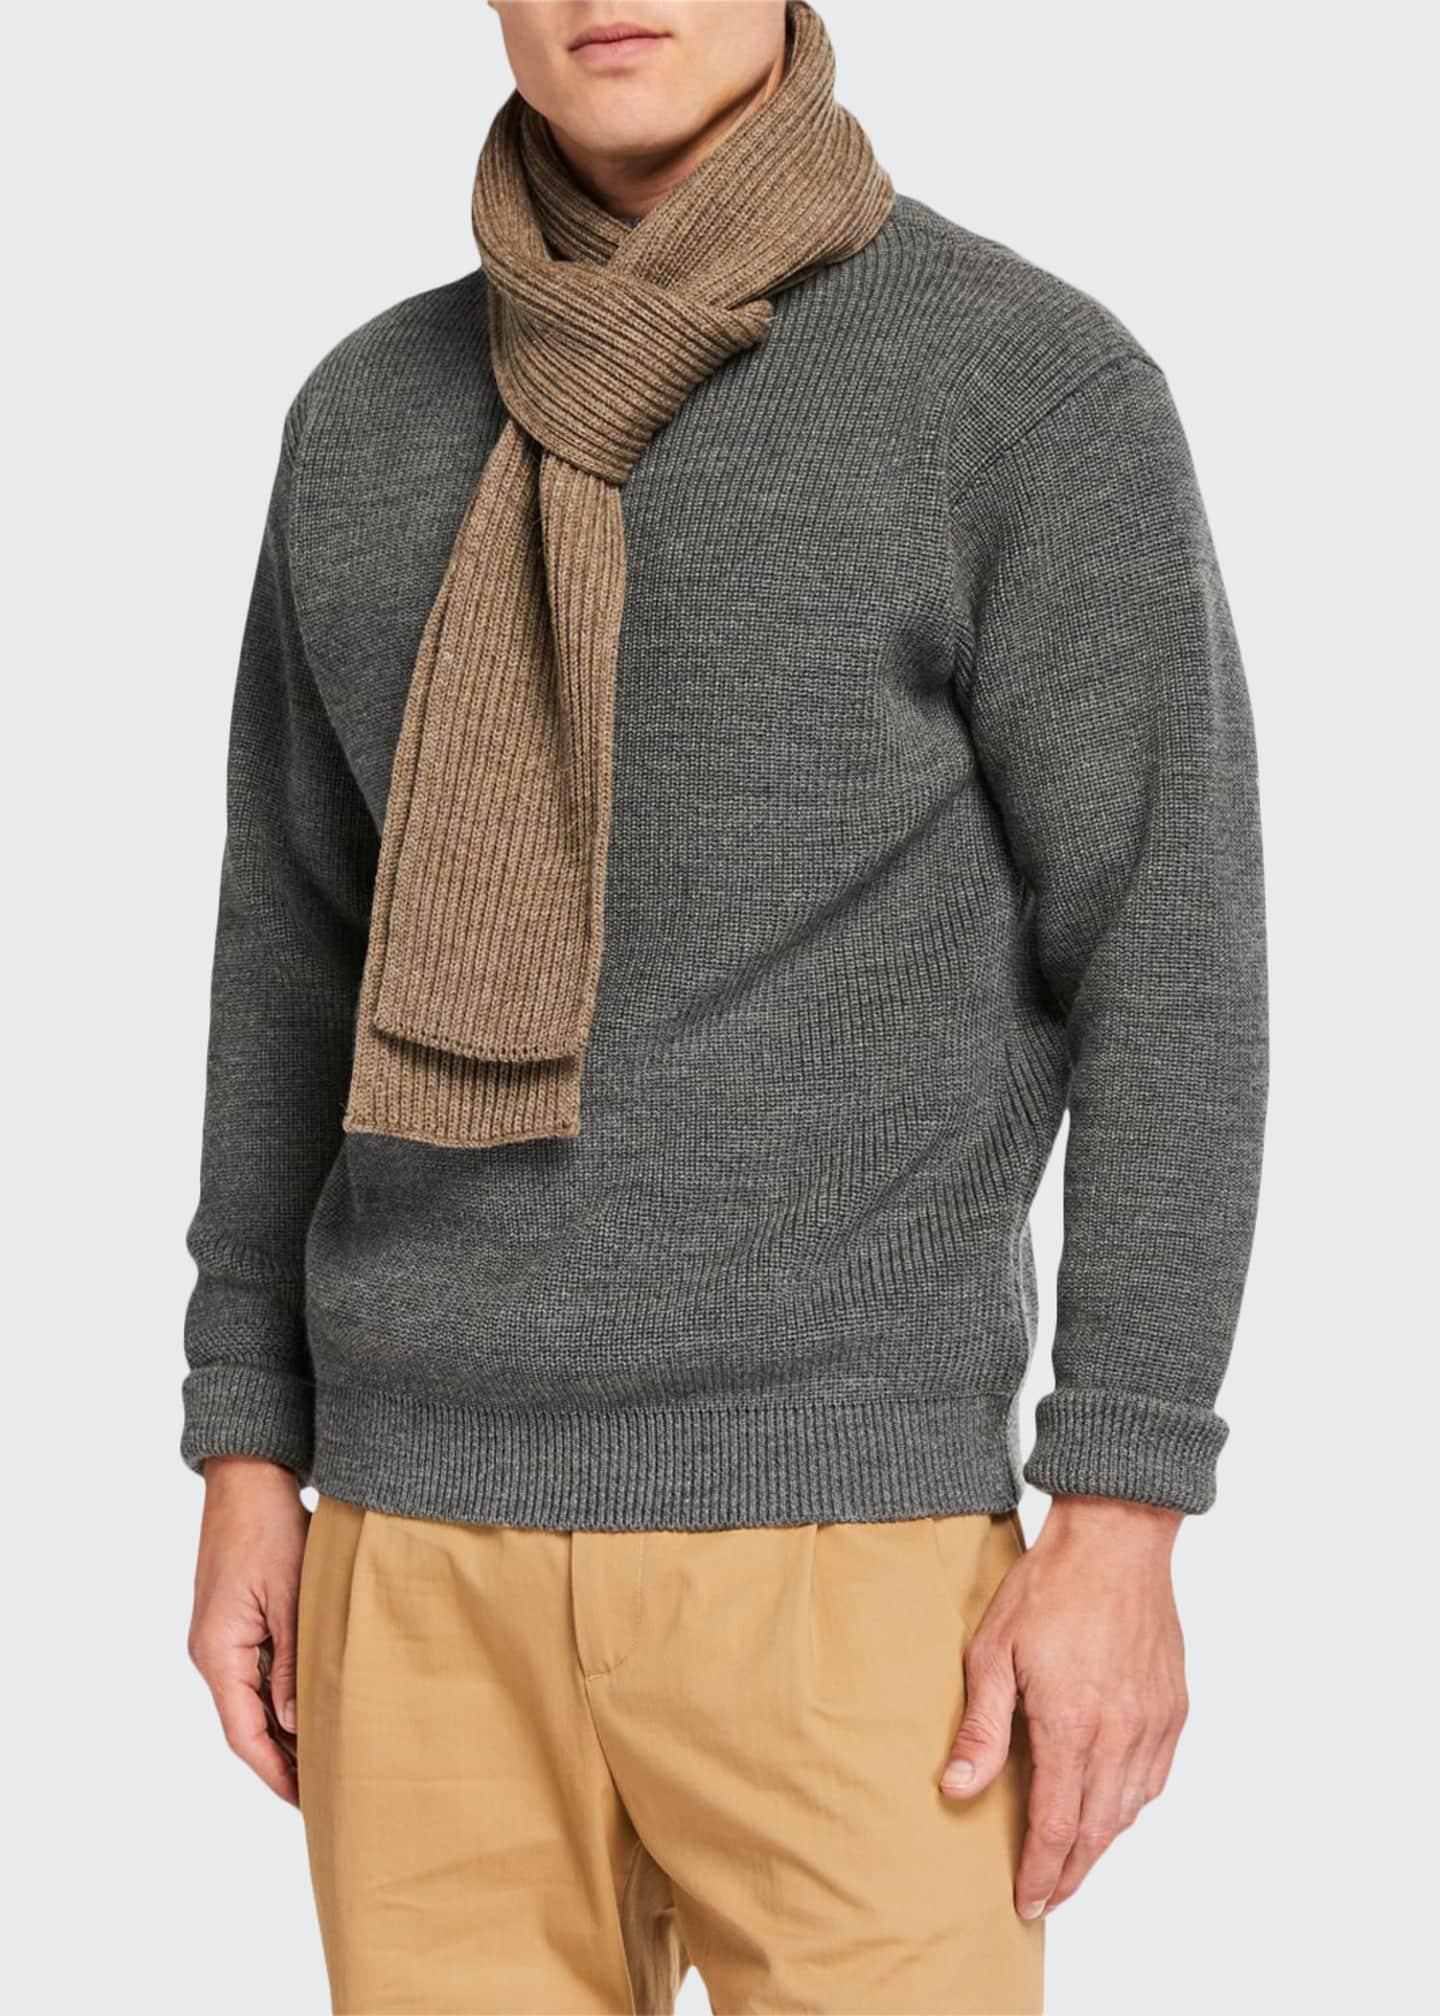 ANDERSEN-ANDERSEN Men's Rib-Knit Wool Scarf